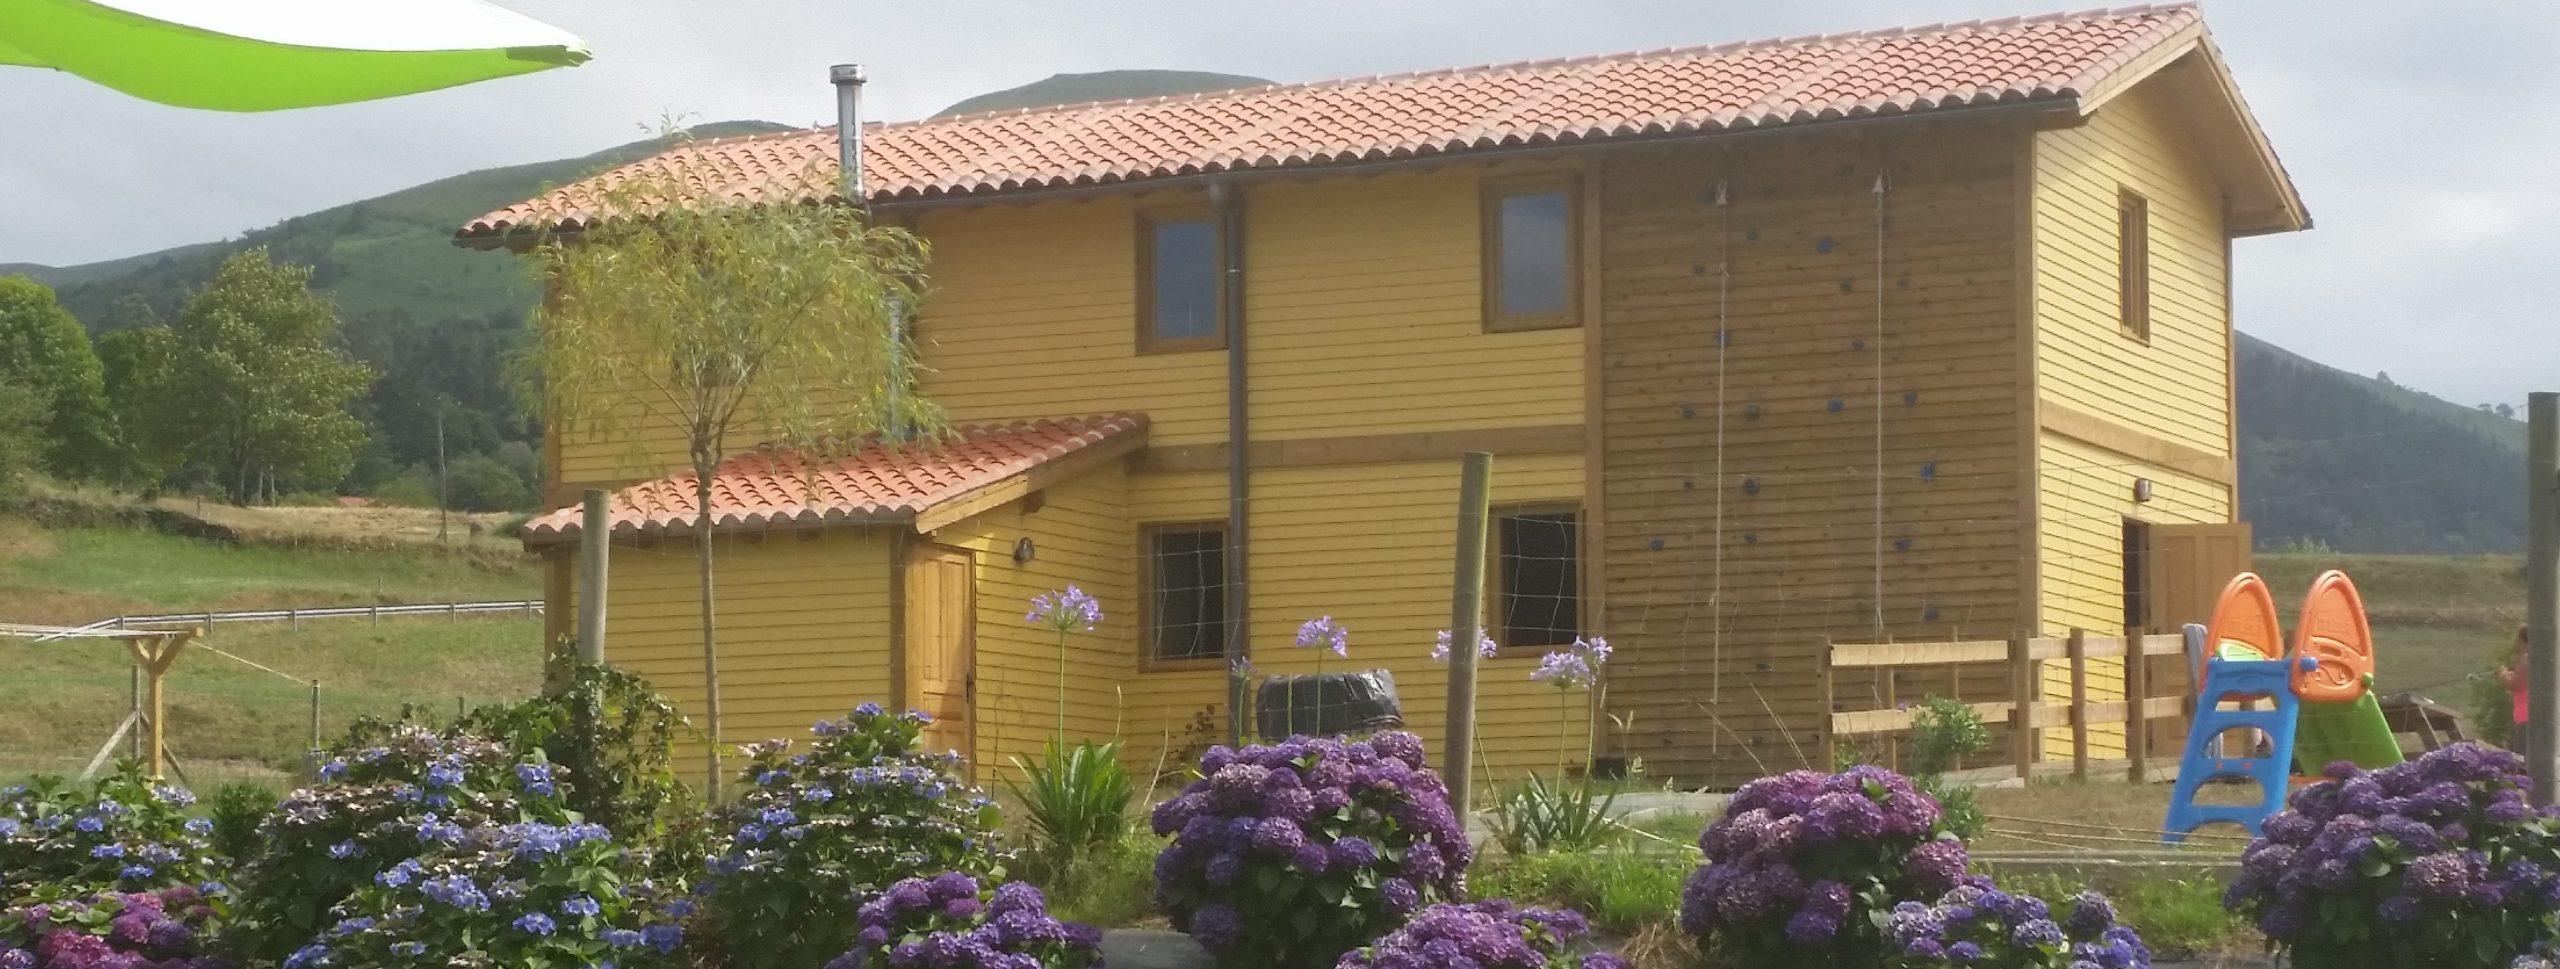 Albergue Cabuerniaventura Cantabria